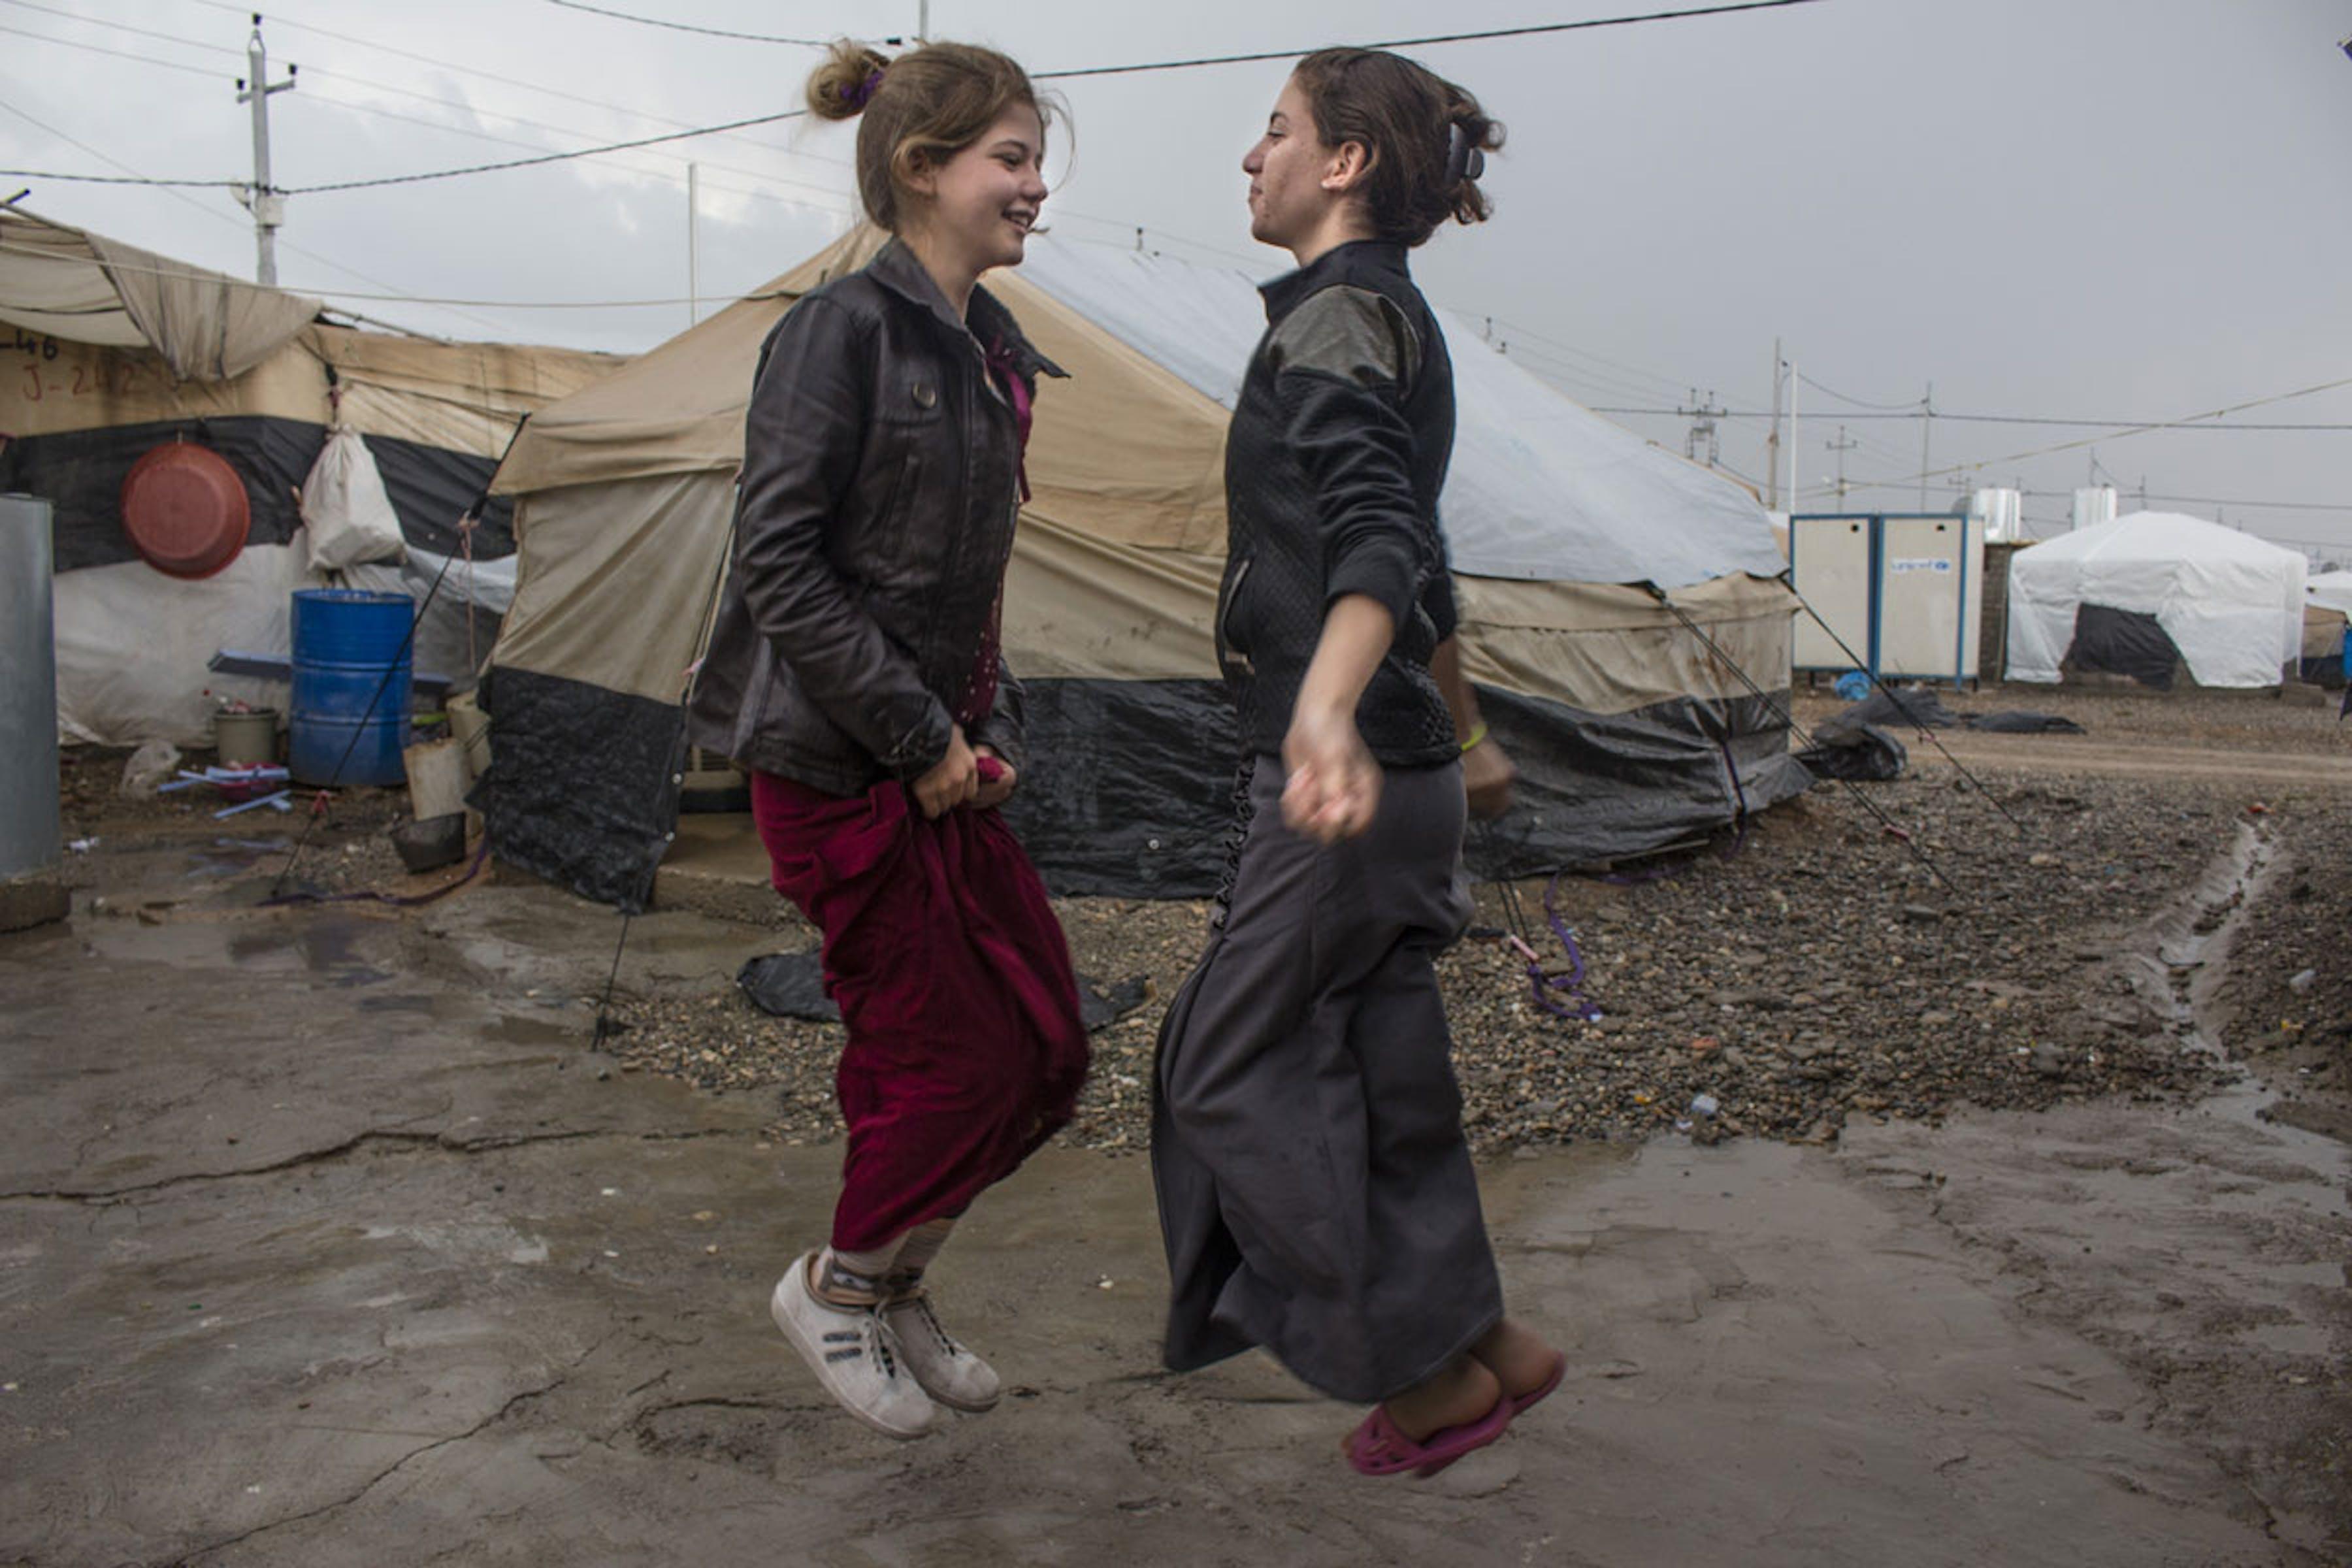 Ragazze yazide danzano nel campo di Khanke (Iraq) - ©Bushra Qasim